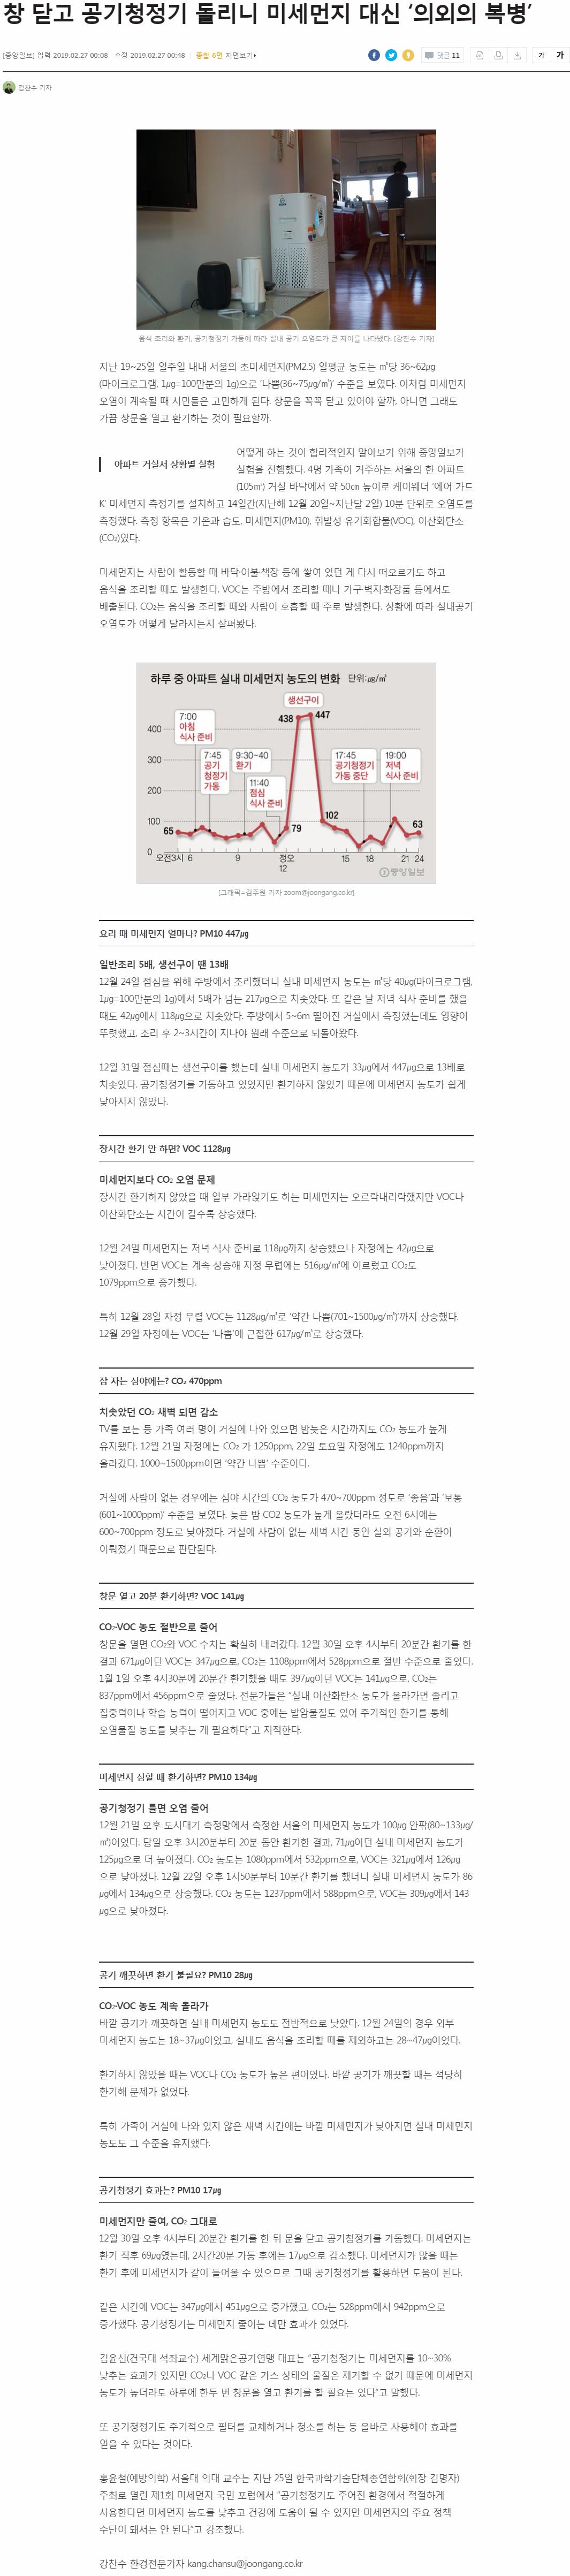 중앙일보-실내미세먼지와-이산화탄소